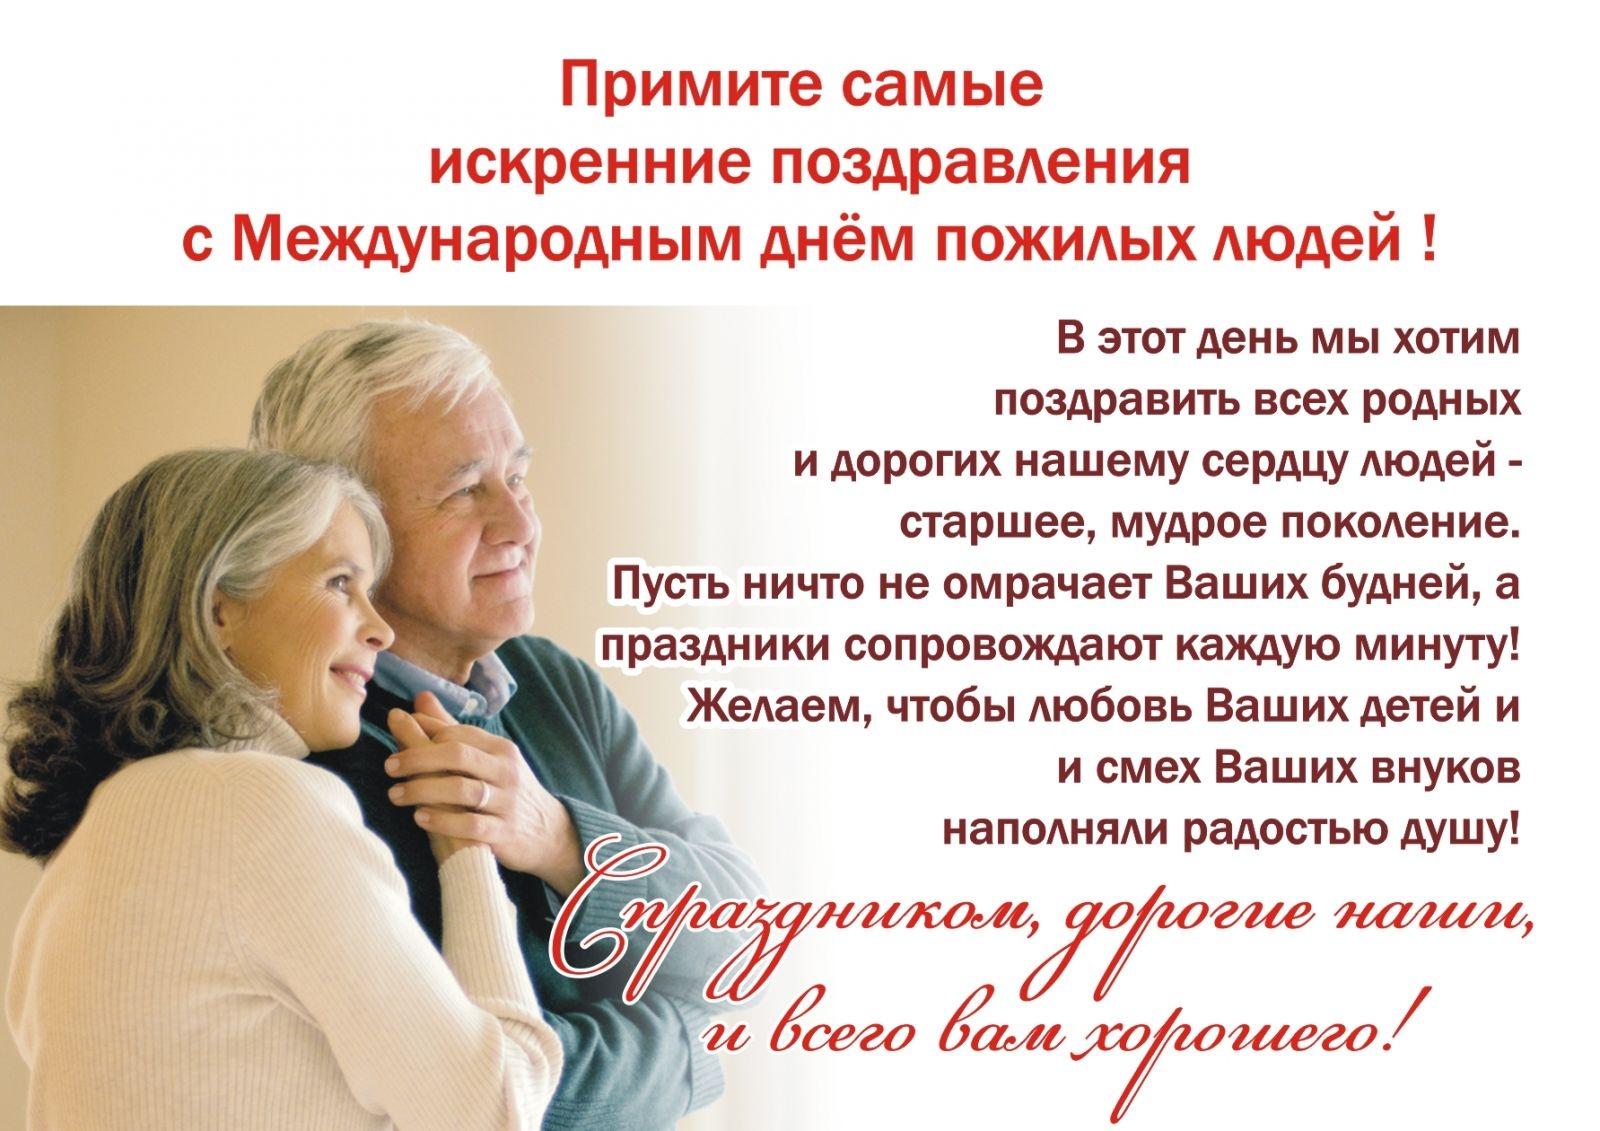 Открытки для пожилых людей